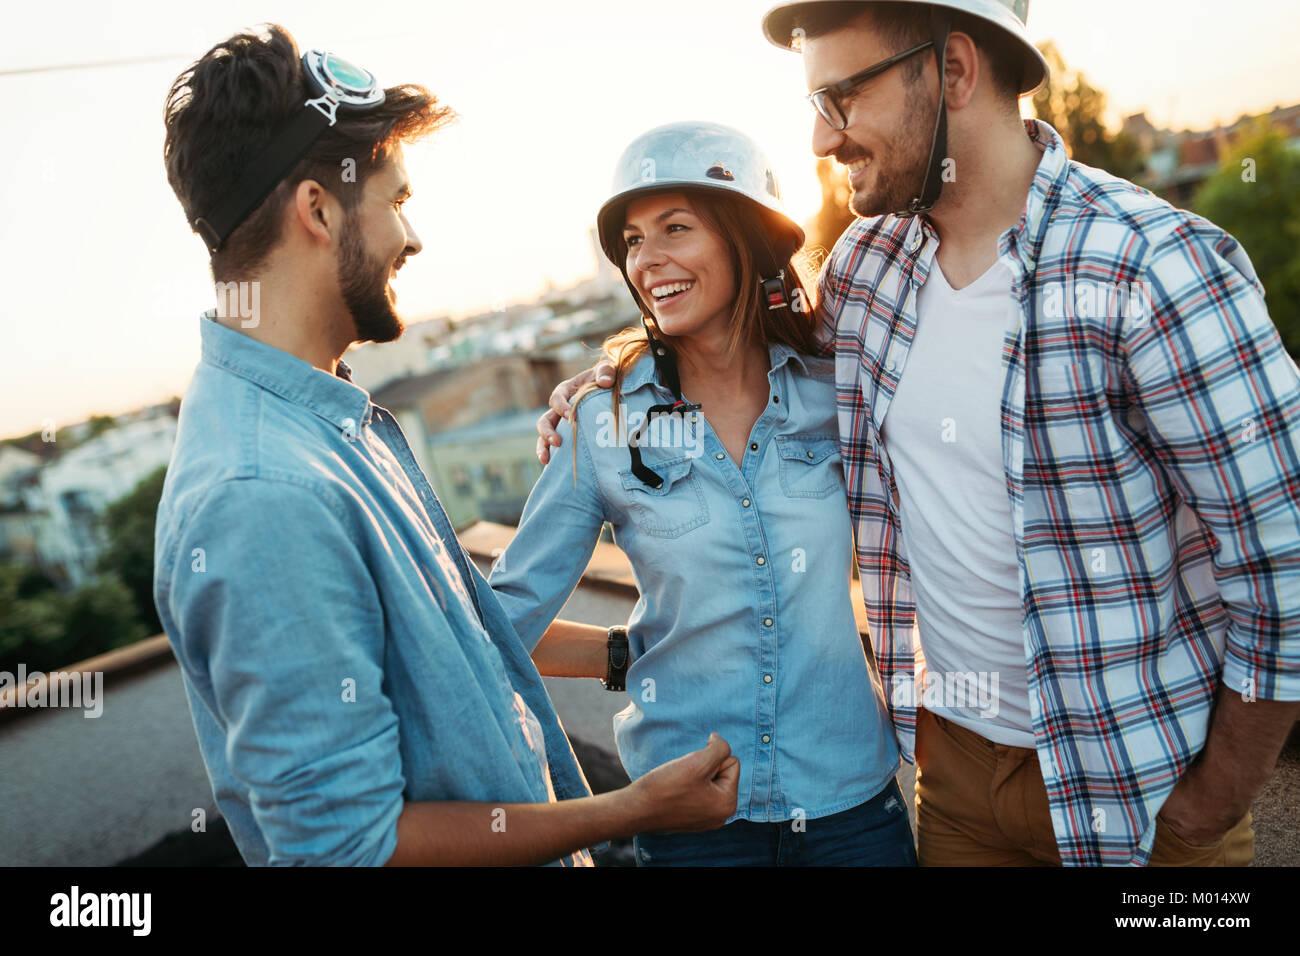 Feliz amigos riendo y sonriendo al aire libre Imagen De Stock